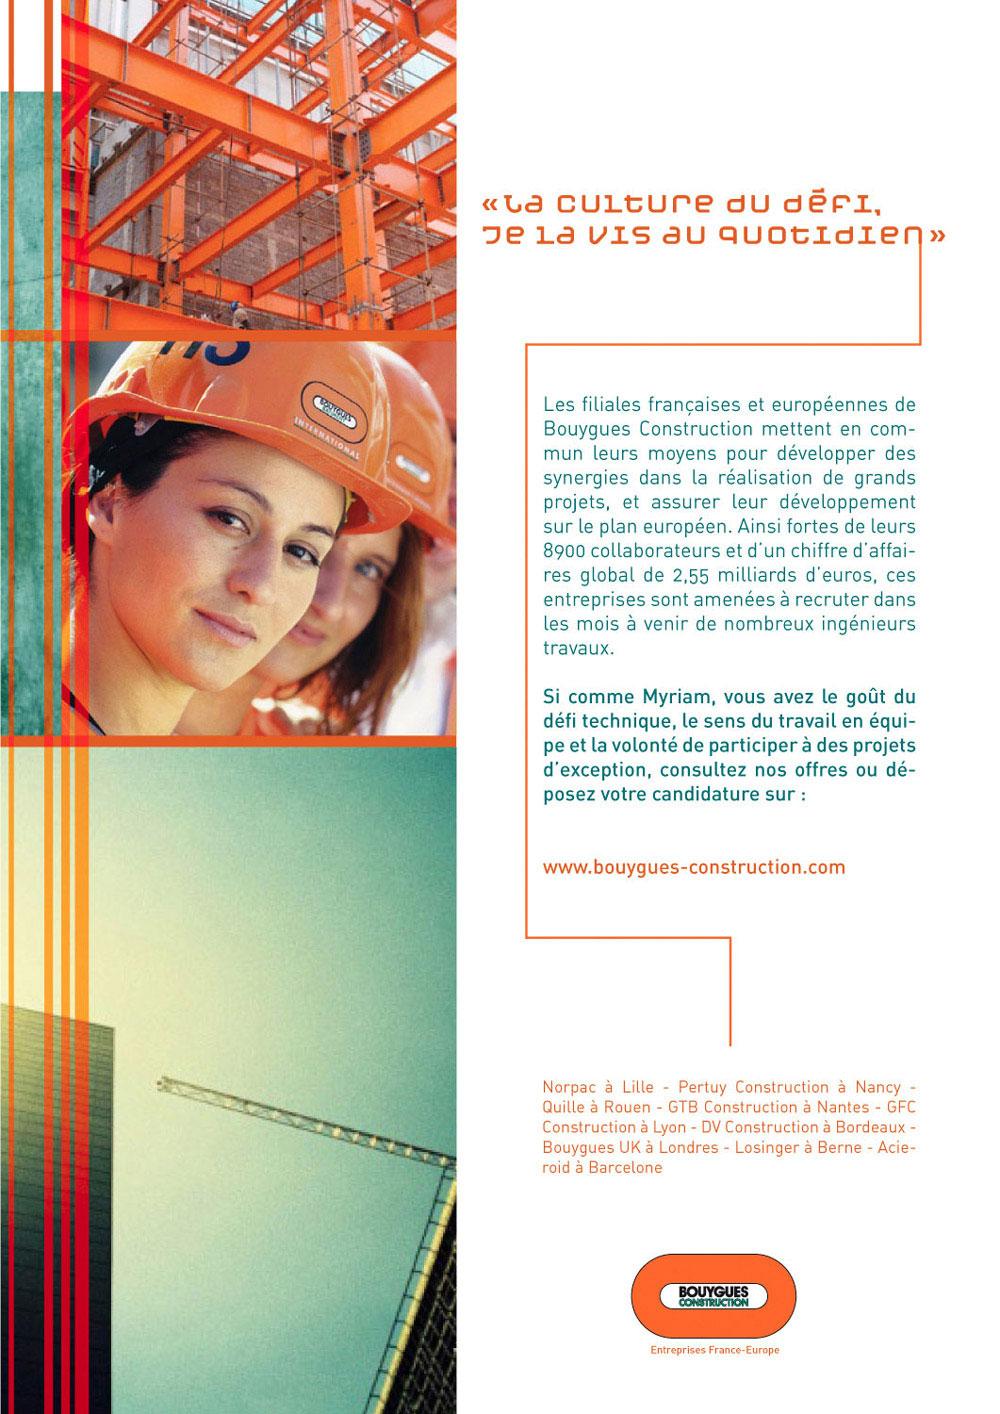 pure-black-studio_Bouygues-Construction_encart-RH